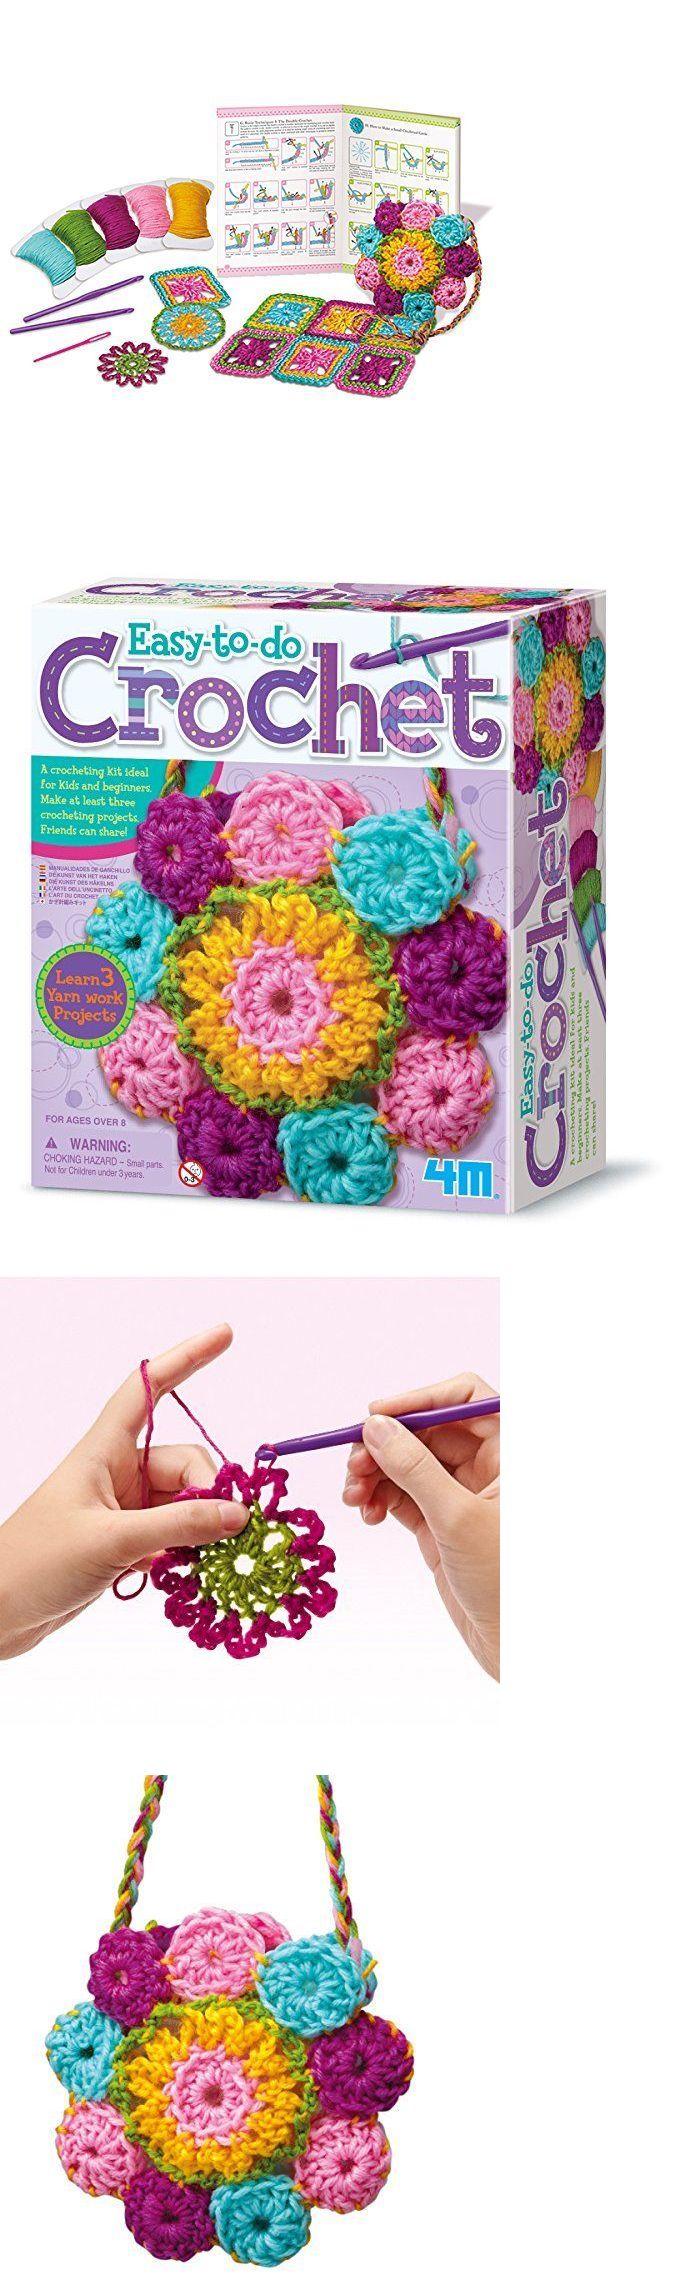 Crochet Kits 108867 4m Easy To Do Crochet Art Kit Kids Beginners